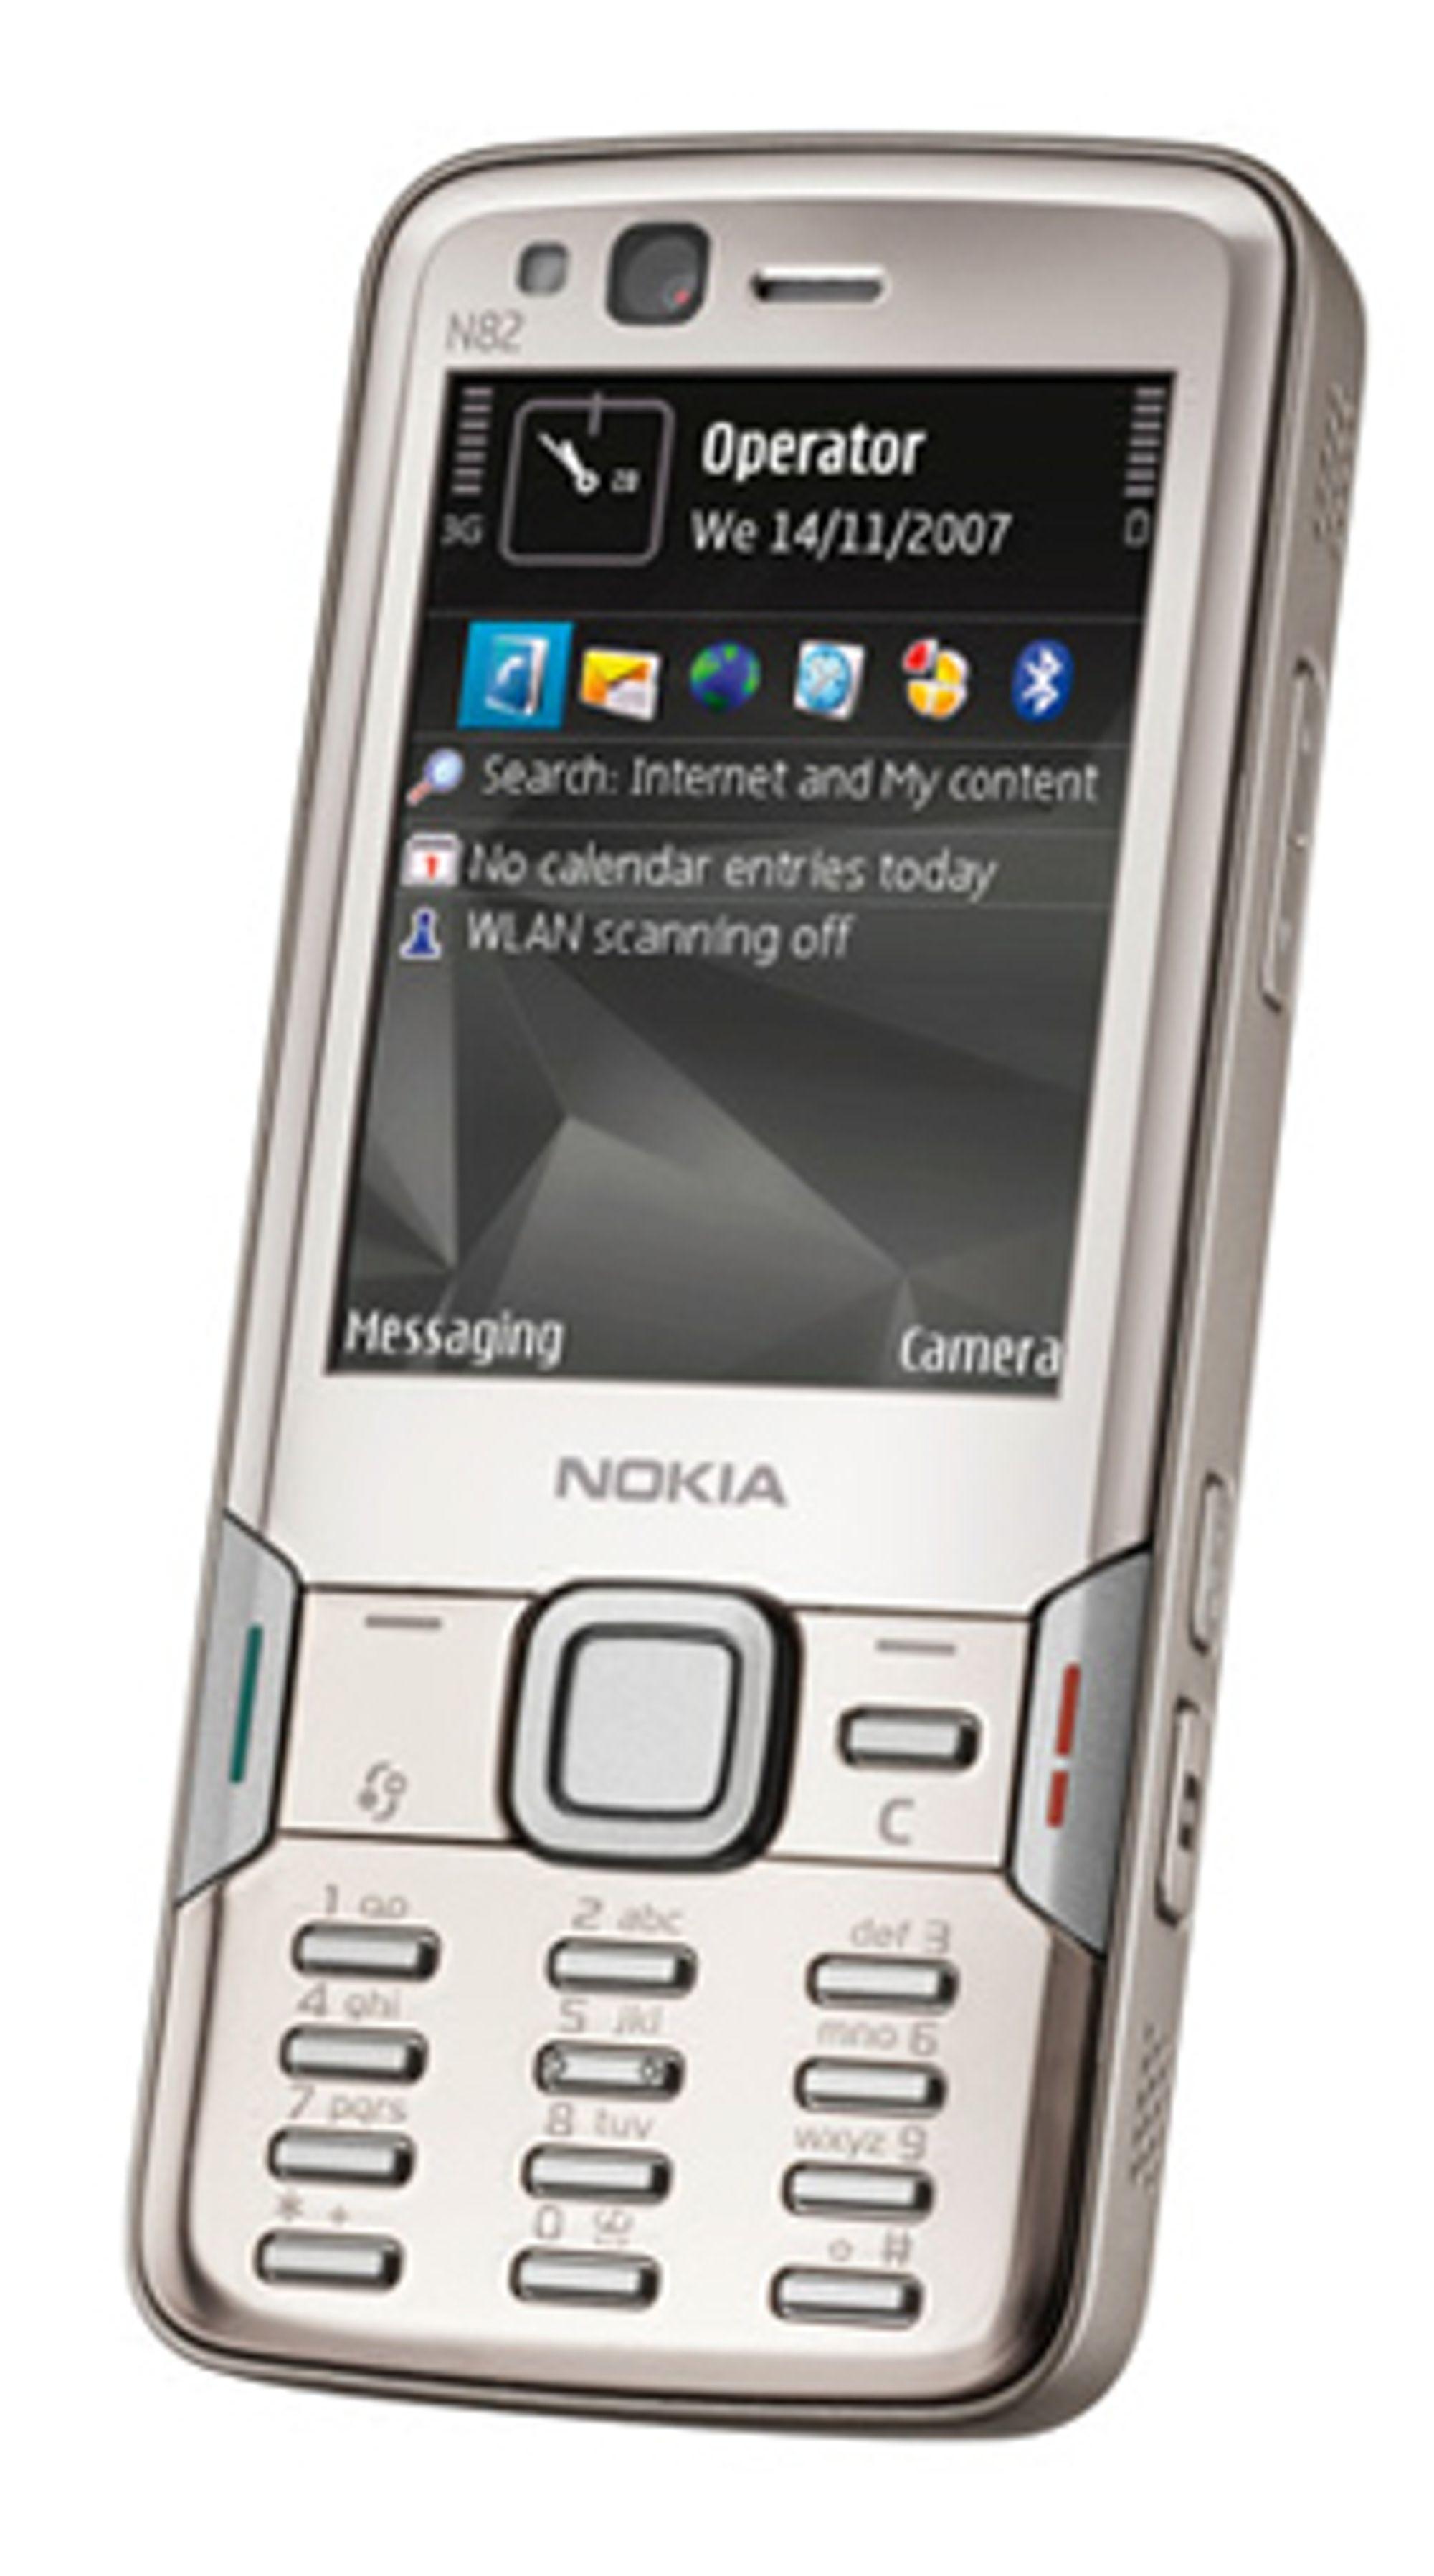 N82 har blitt oppdatert.